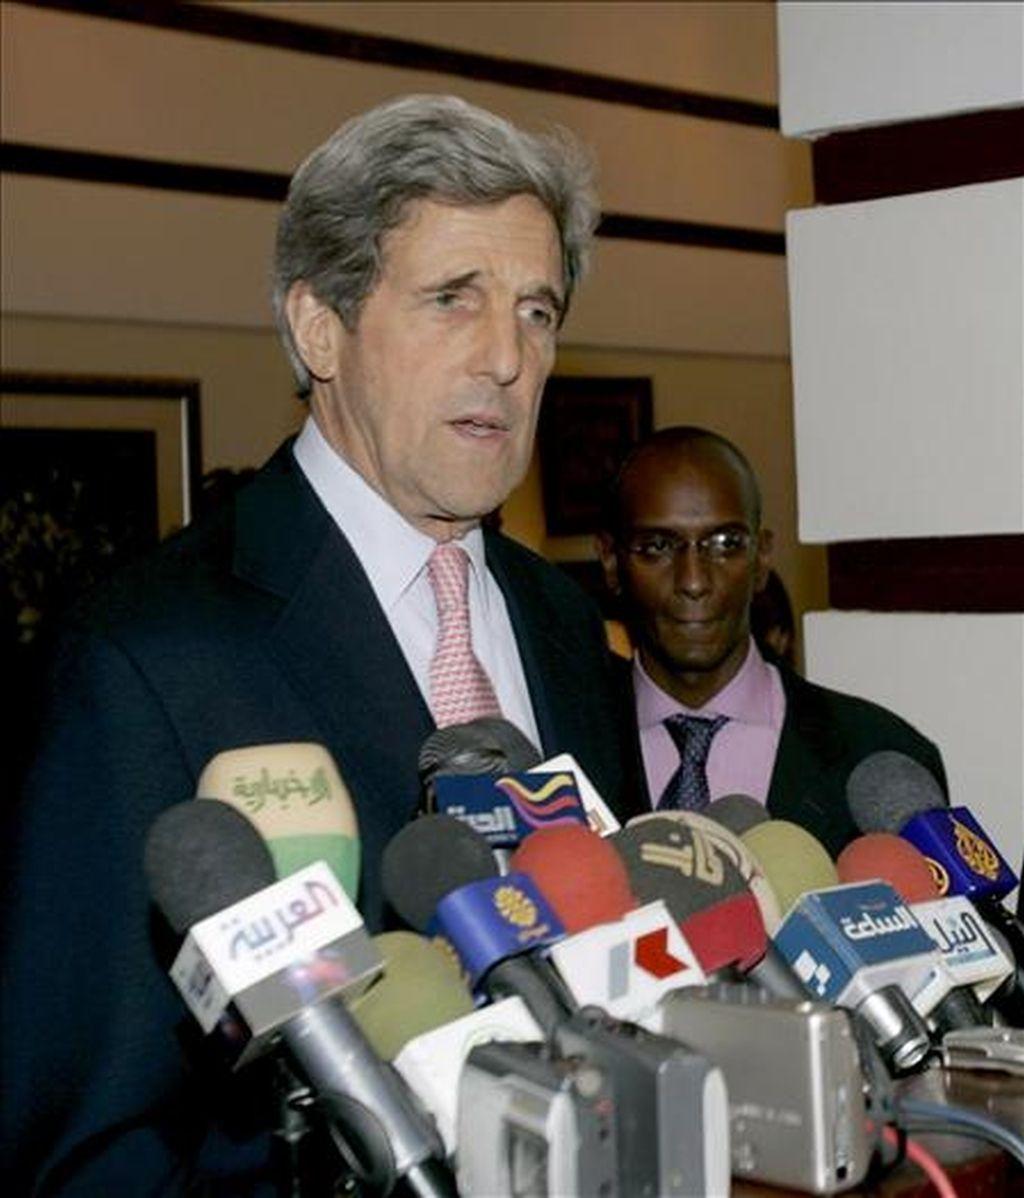 El presidente del Comité de Relaciones Exteriores del Senado de EE.UU., John Kerry, tras aterrizar en Jartum. EFE